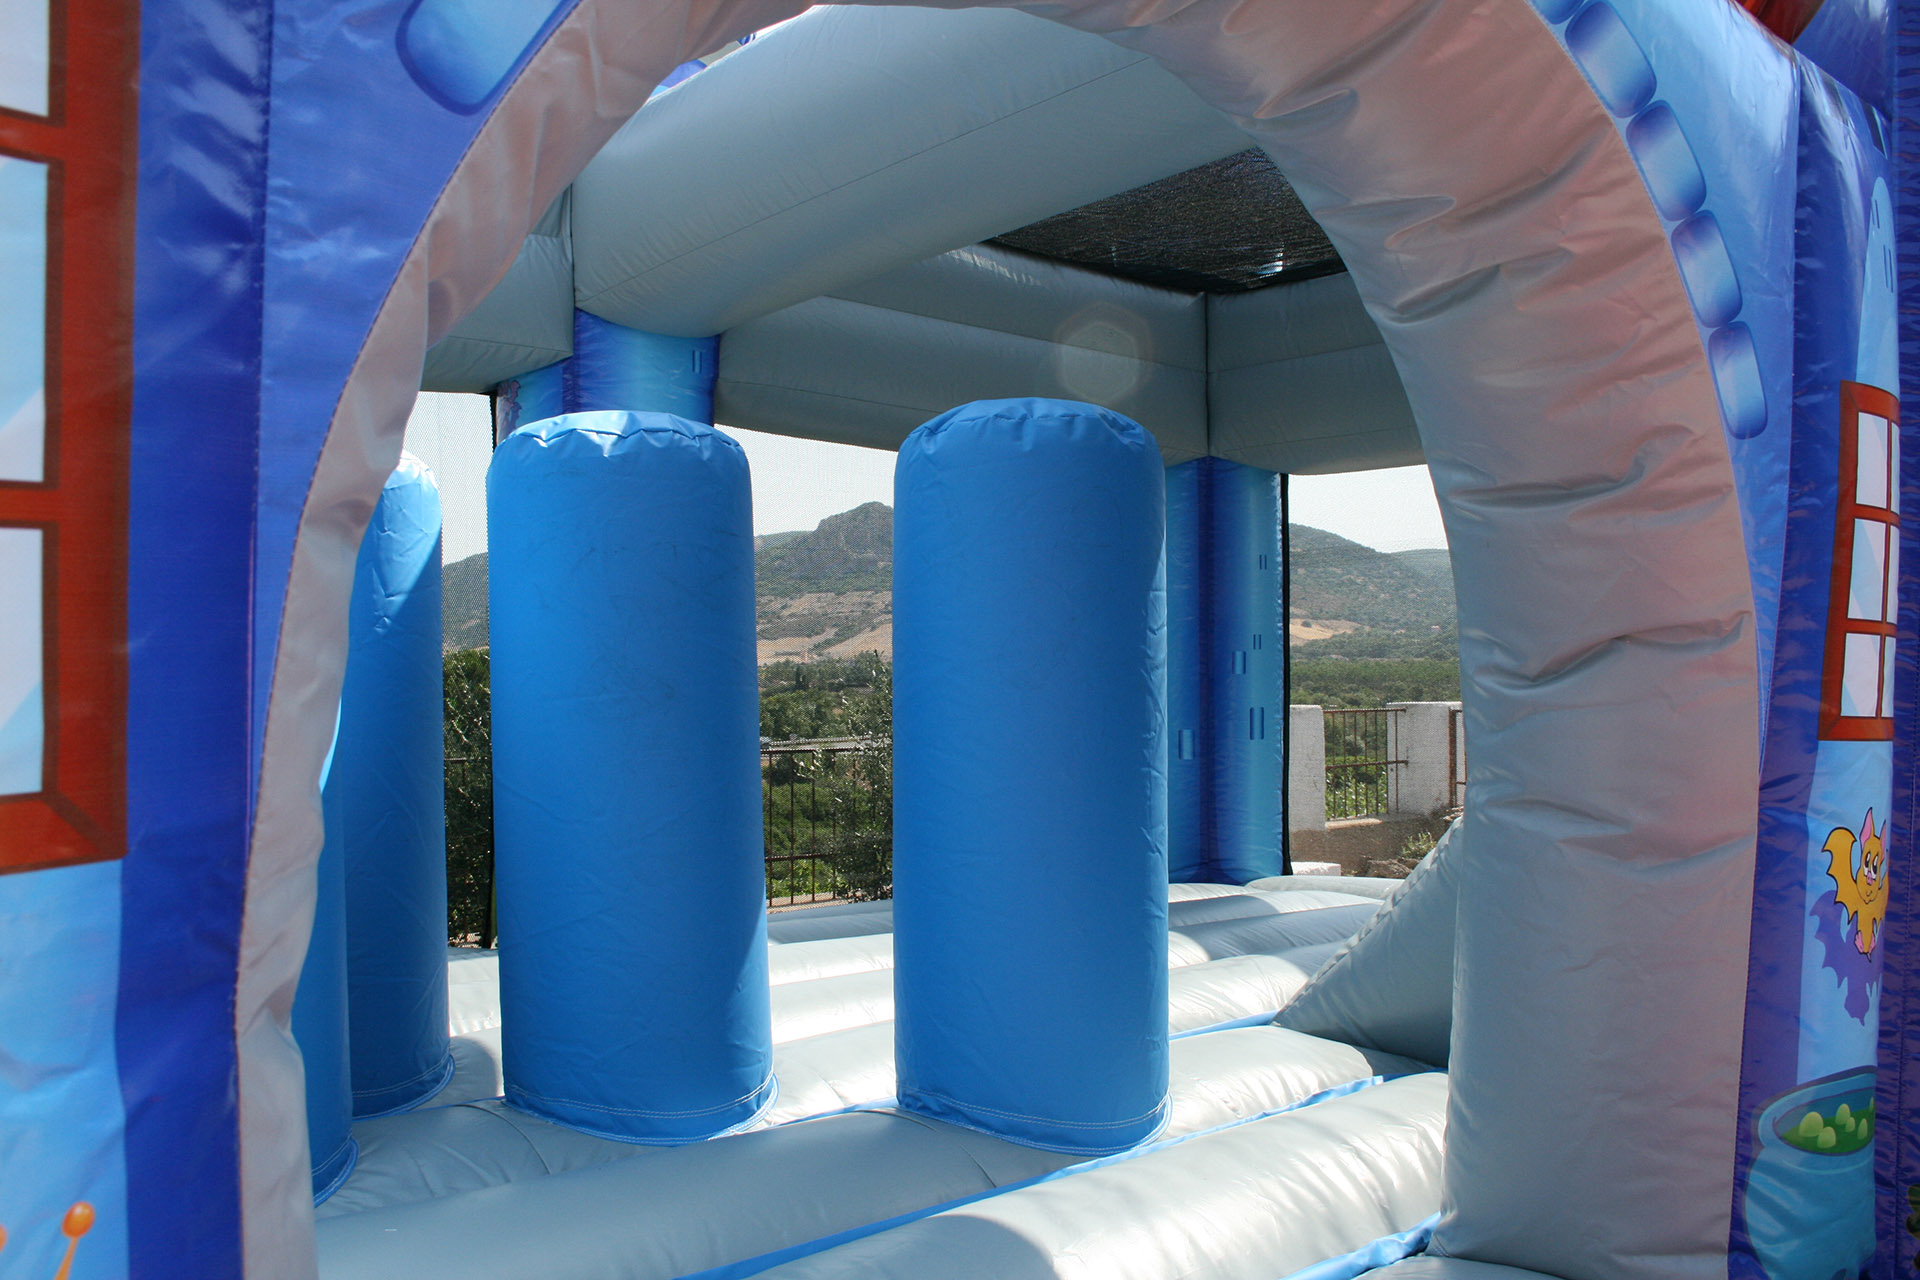 Parco Giochi Gonfiabile a Carbonia per compleanni e feste per bambini - Ristorante Tanit - Ristorante a Carbonia dal 1981 - 3